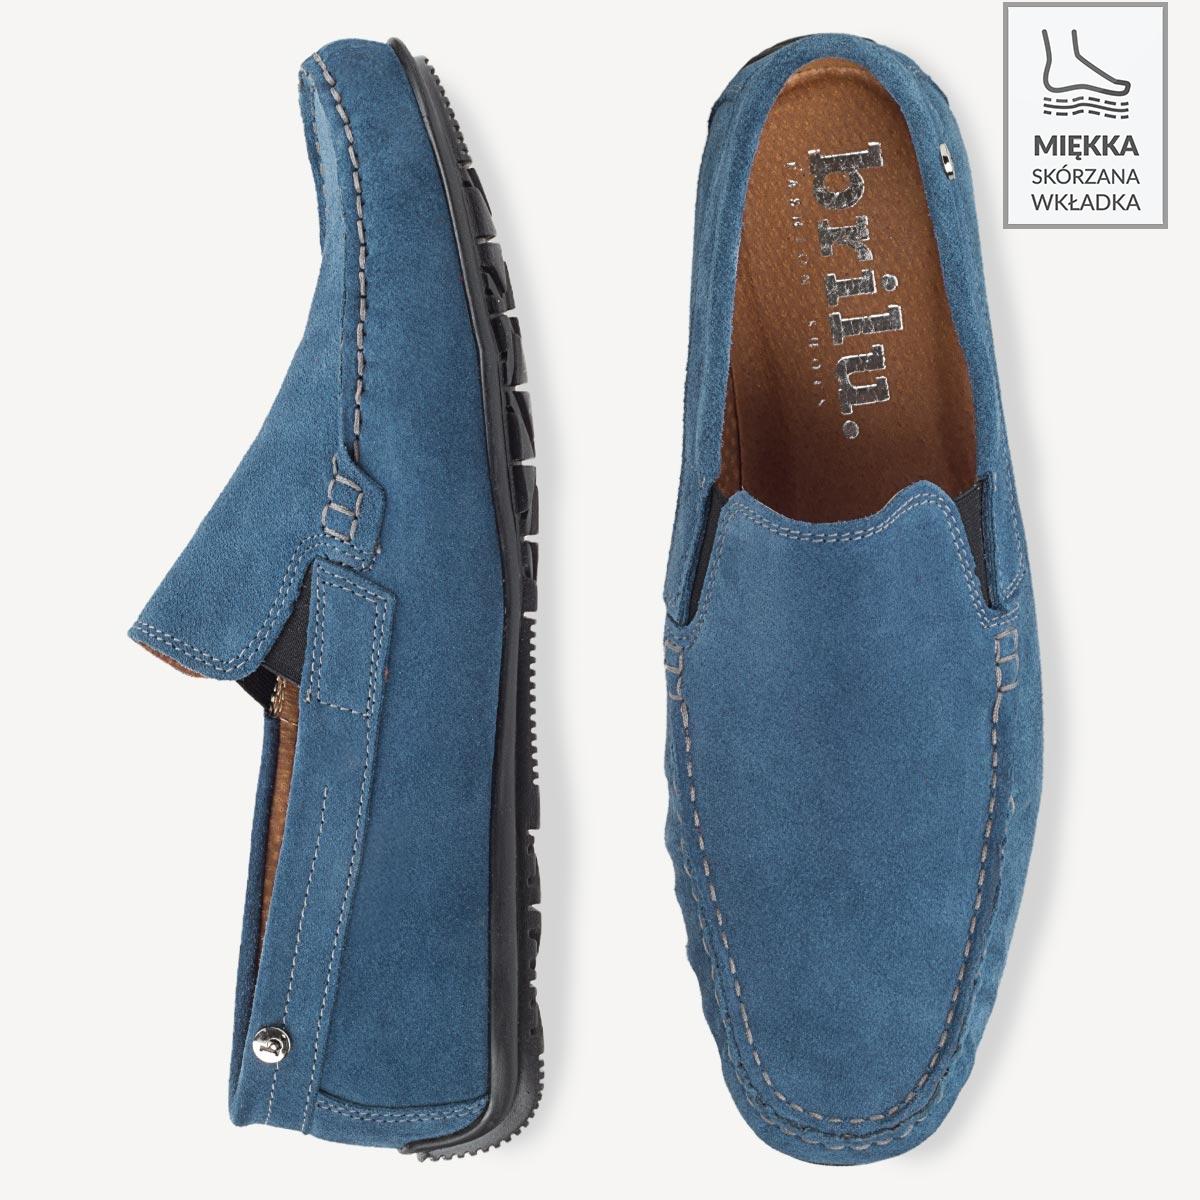 Skórzane mokasyny męskie zamszowe z gumką Blaze niebieskie